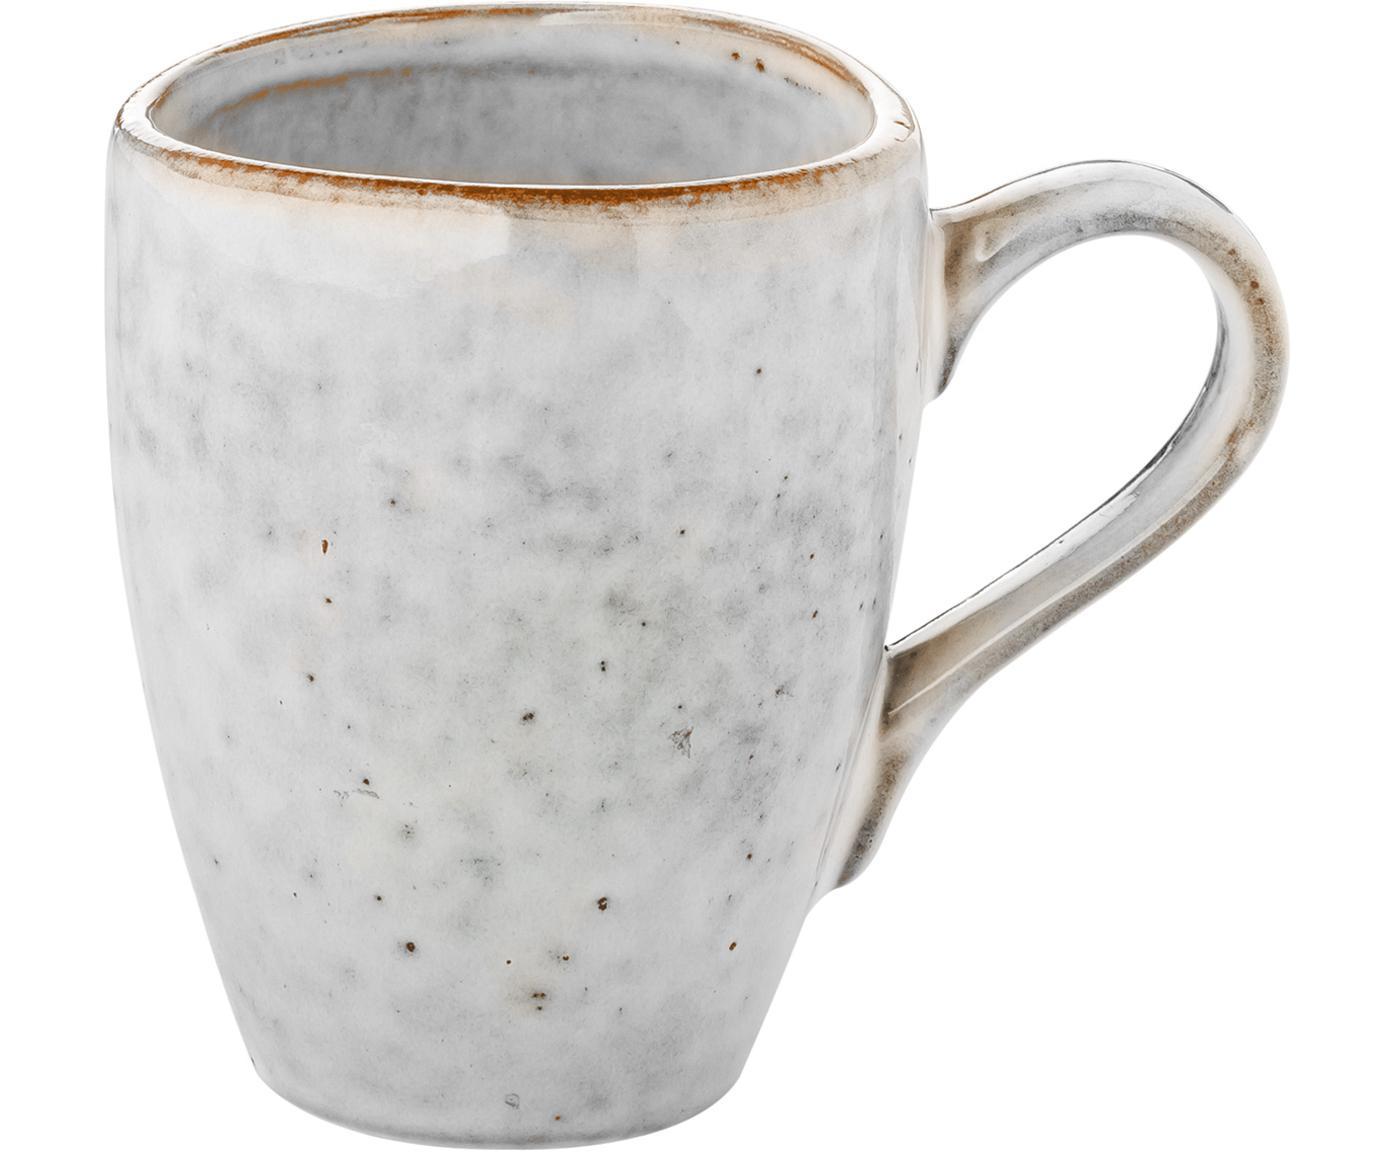 Handgemachte Tassen Nordic Sand aus Steingut, 6 Stück, Steingut, Sand, Ø 8 x H 10 cm